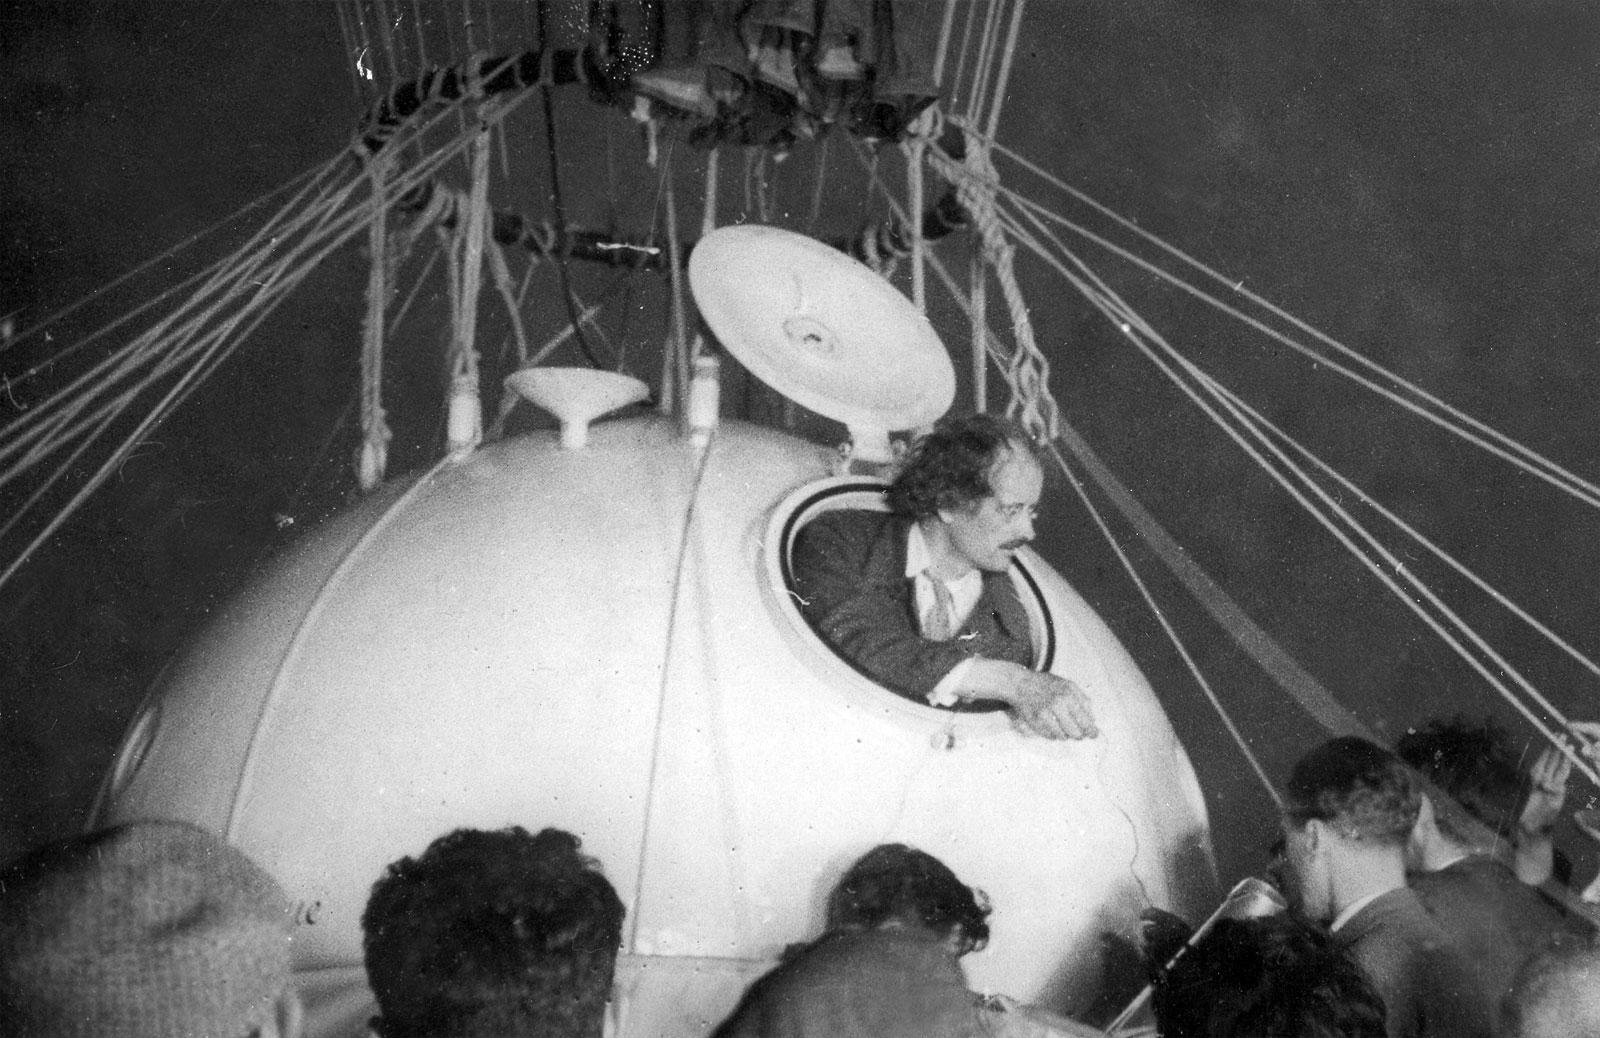 Огюст Пікар сідає у гондолу стратостата FNRS-1, травень 1931 року